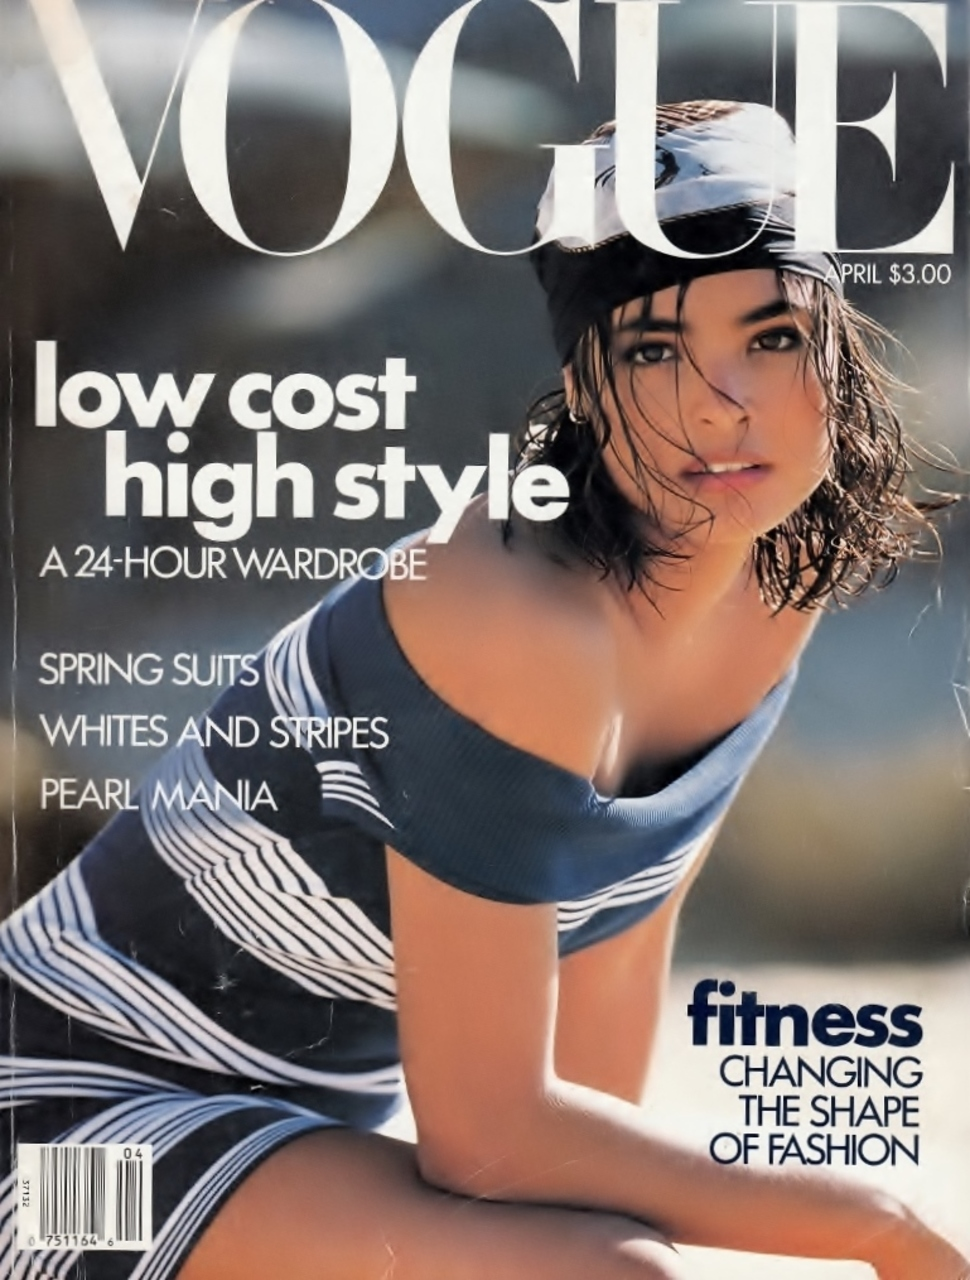 Vogue (US) April 1989